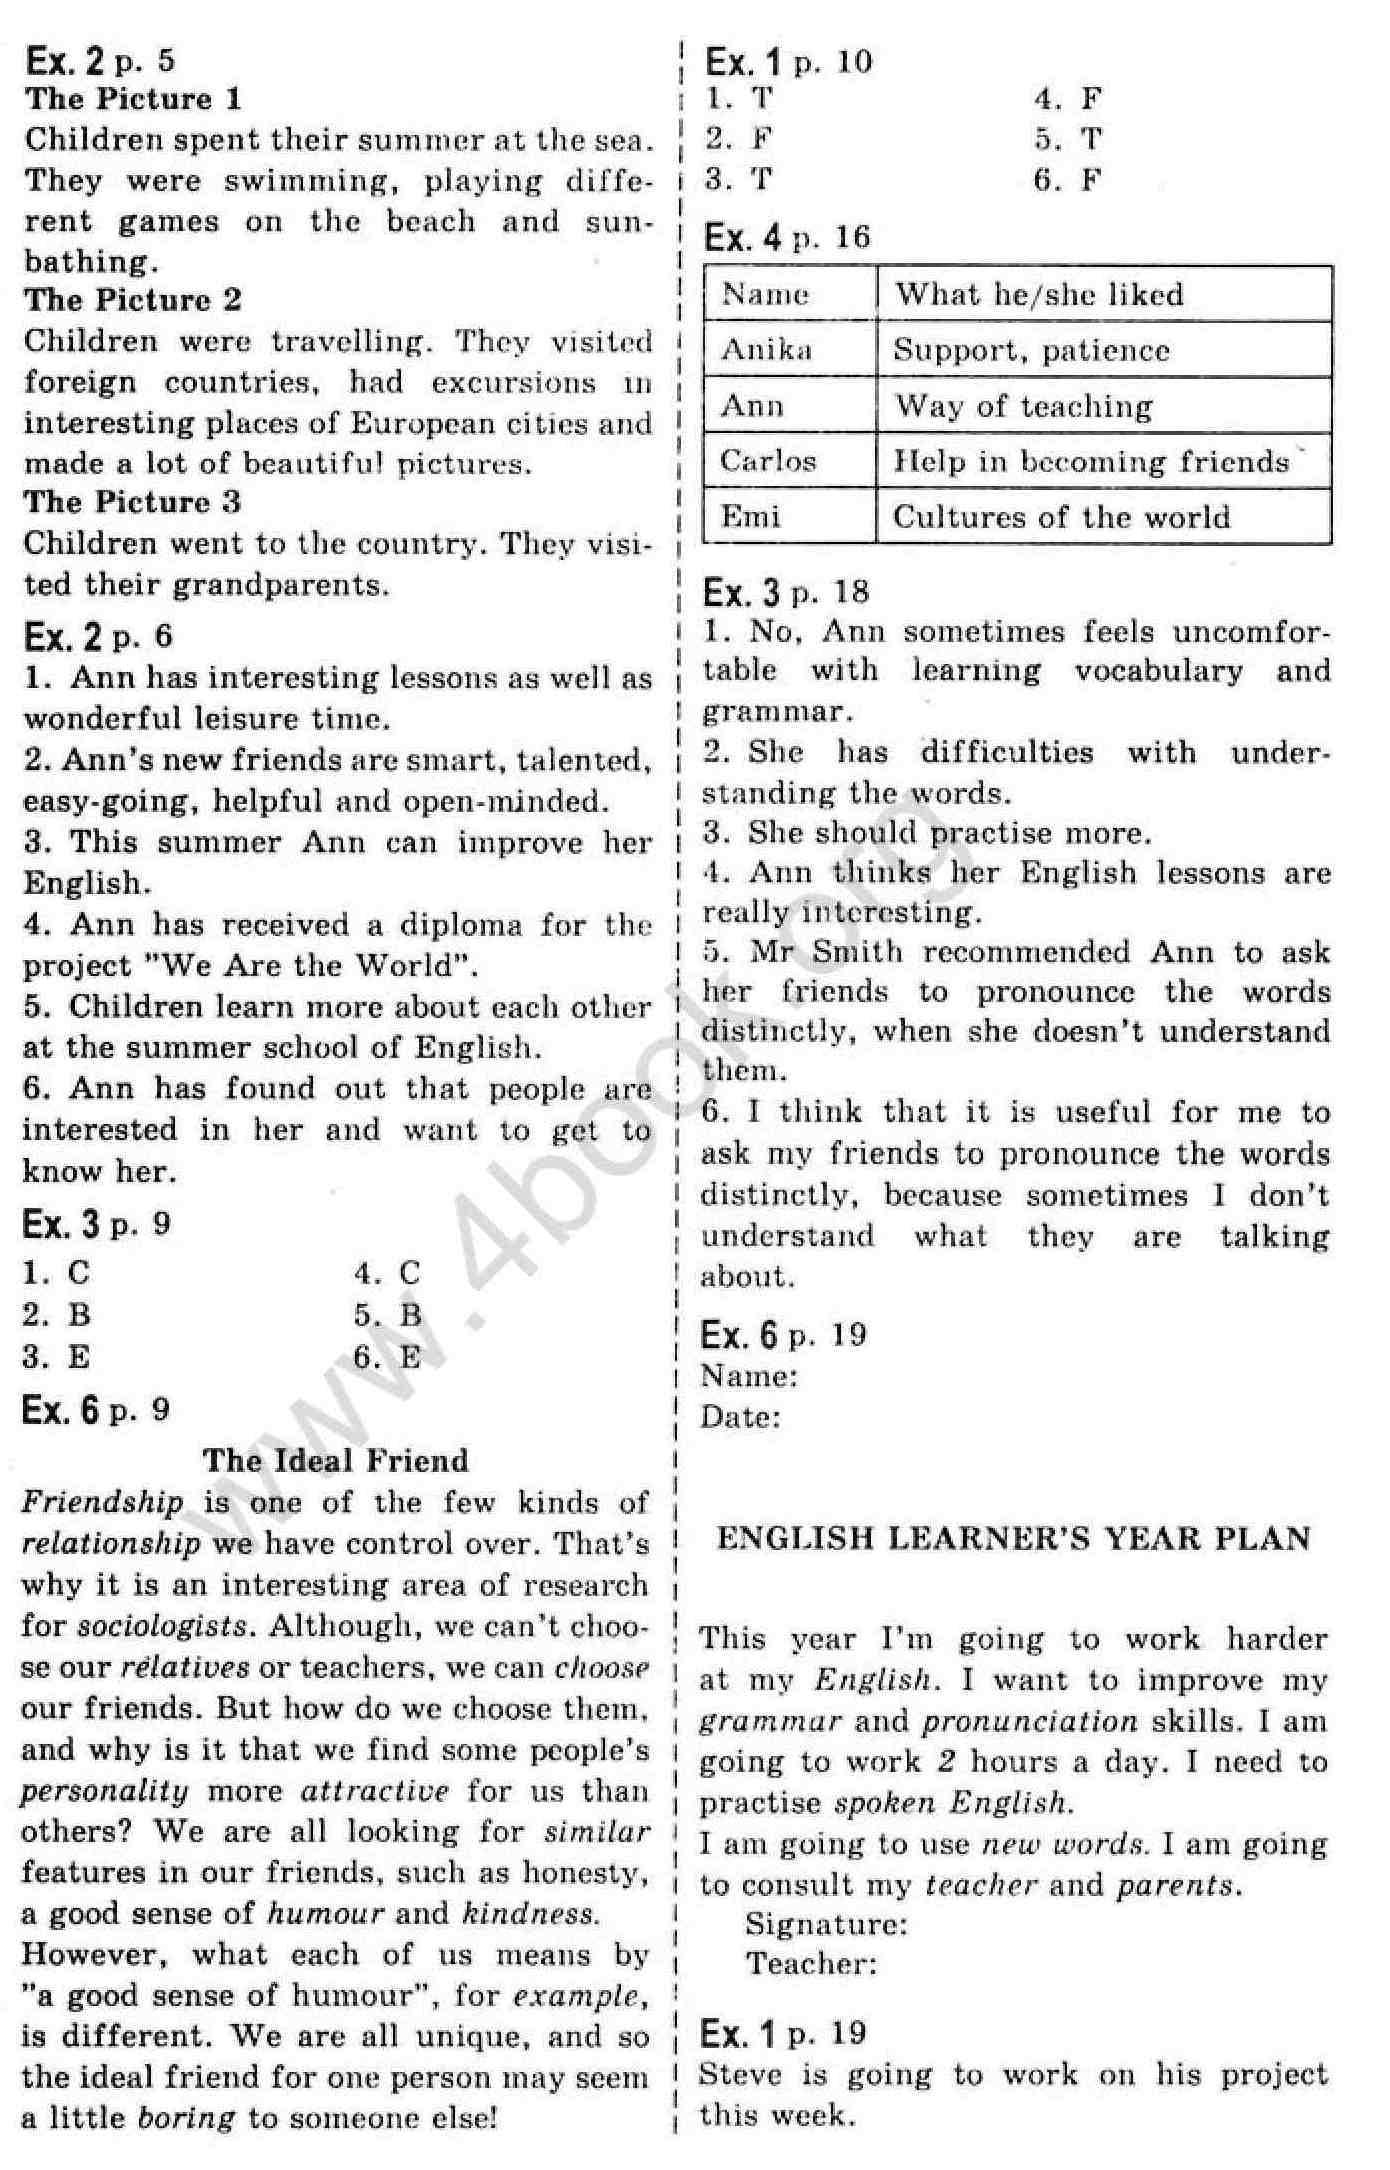 гдз с английского языка 5 класс алла несвит рабочая тетрадь